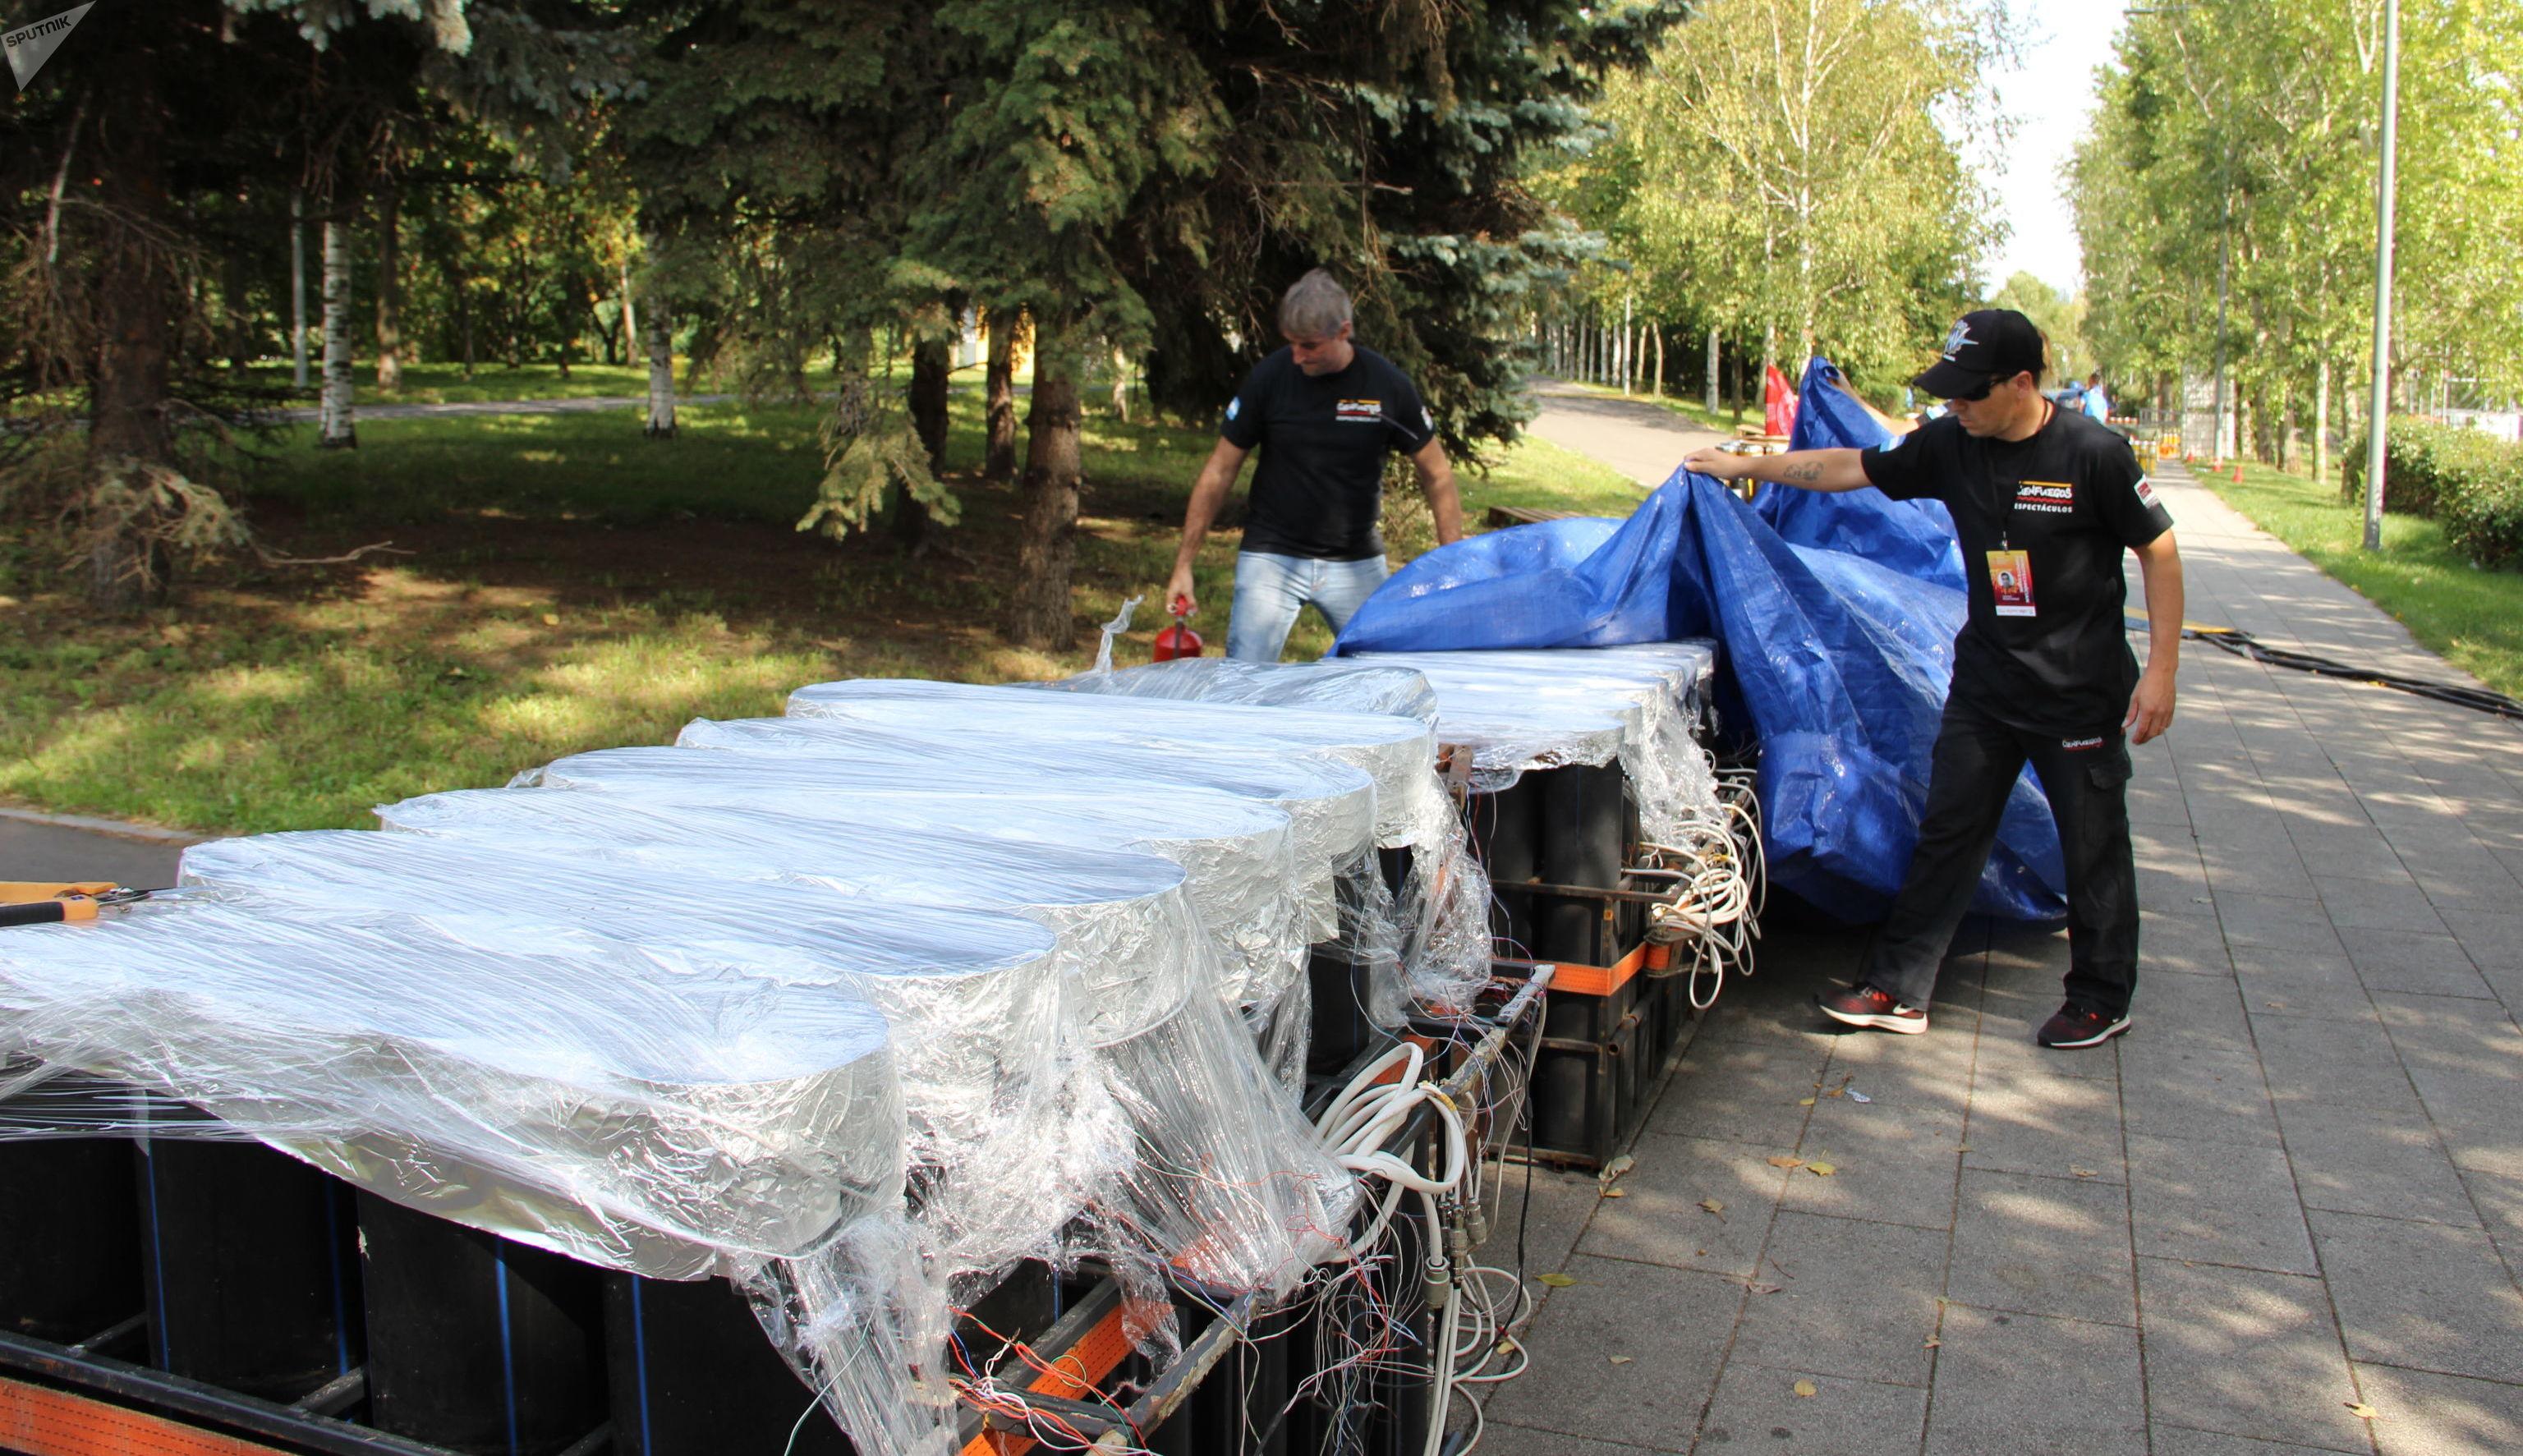 Los miembros del equipo argentino cubren sus fuegos artificiales para protegerlos de posibles lluvias en los días anteriores al festival